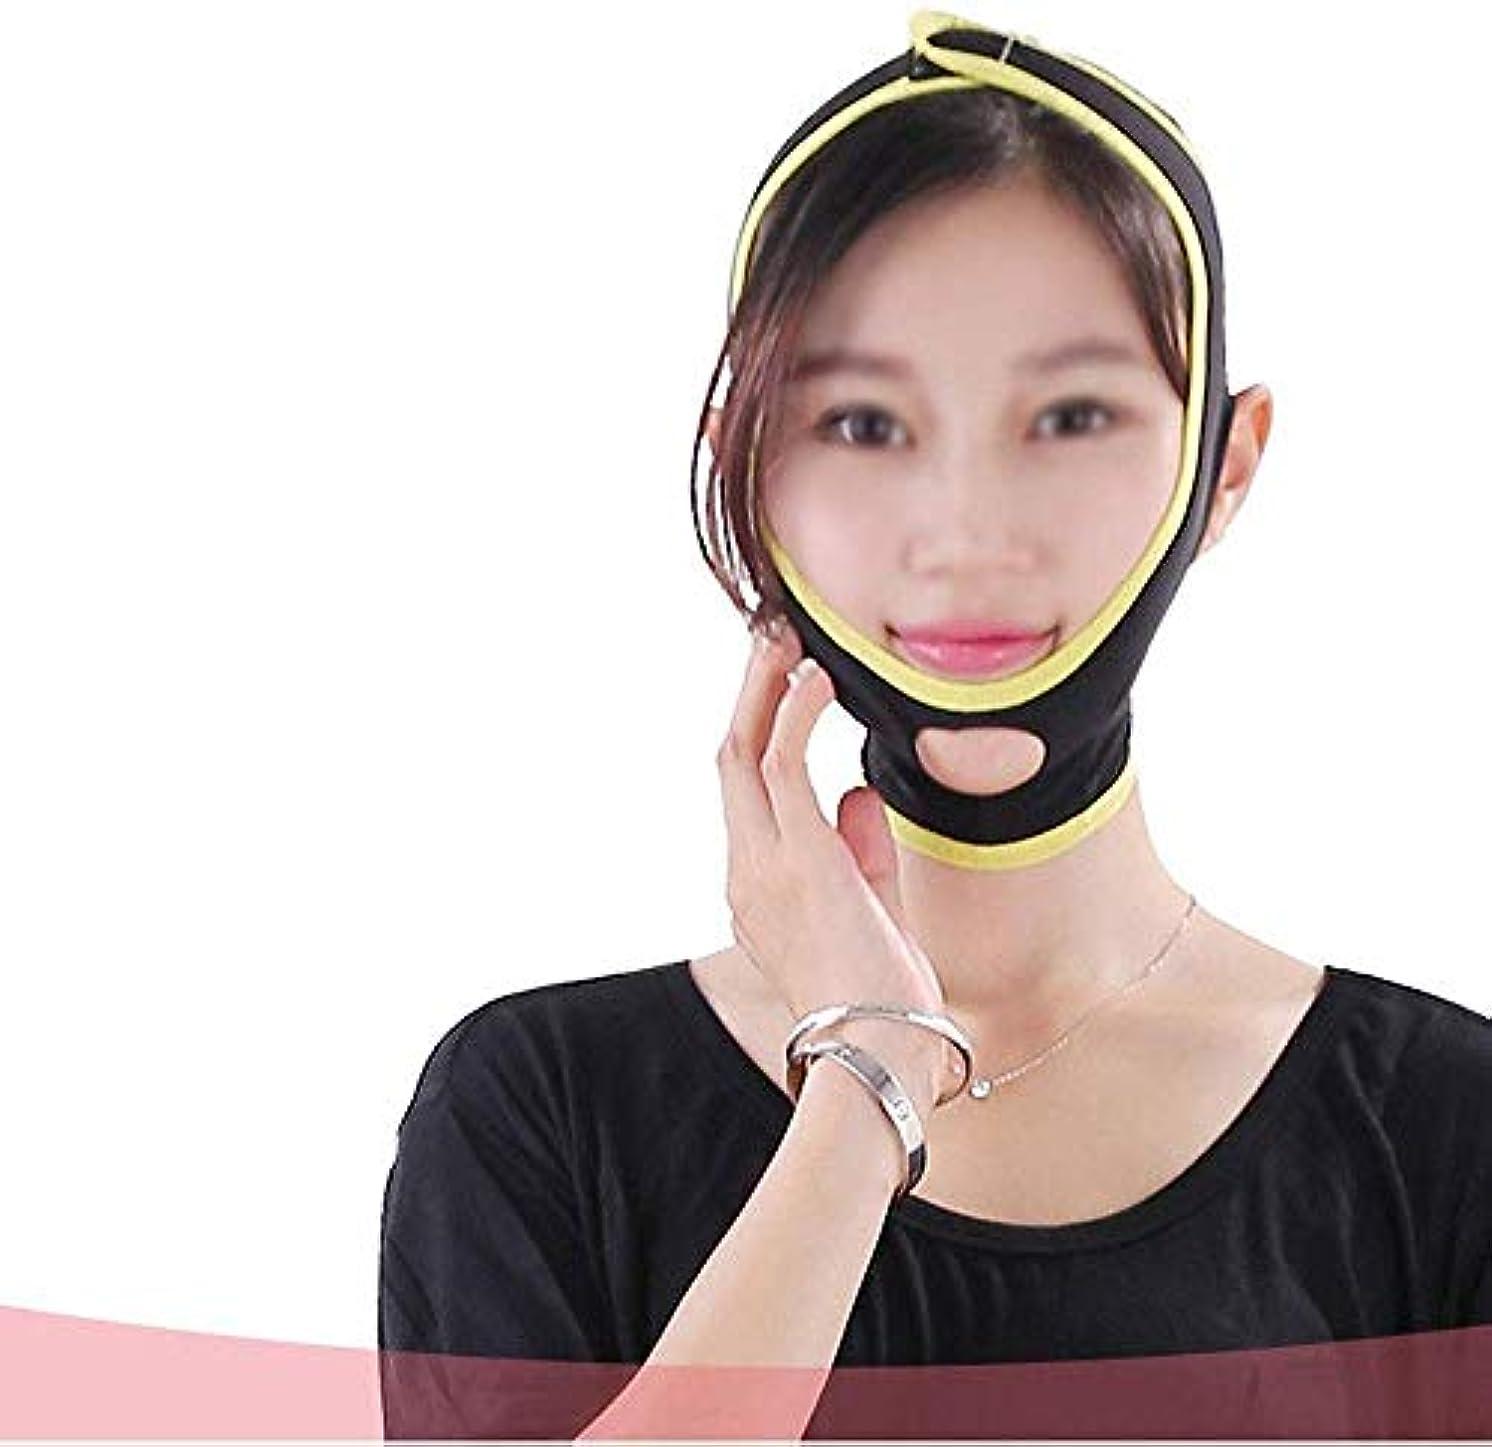 レコーダー満了特別に美容と実用的な薄い顔の包帯 睡眠小さなVフェイスマスクリフトは、肌のアーティファクトを引き締めますダブルチンフェイシャル減量包帯(サイズ:M)